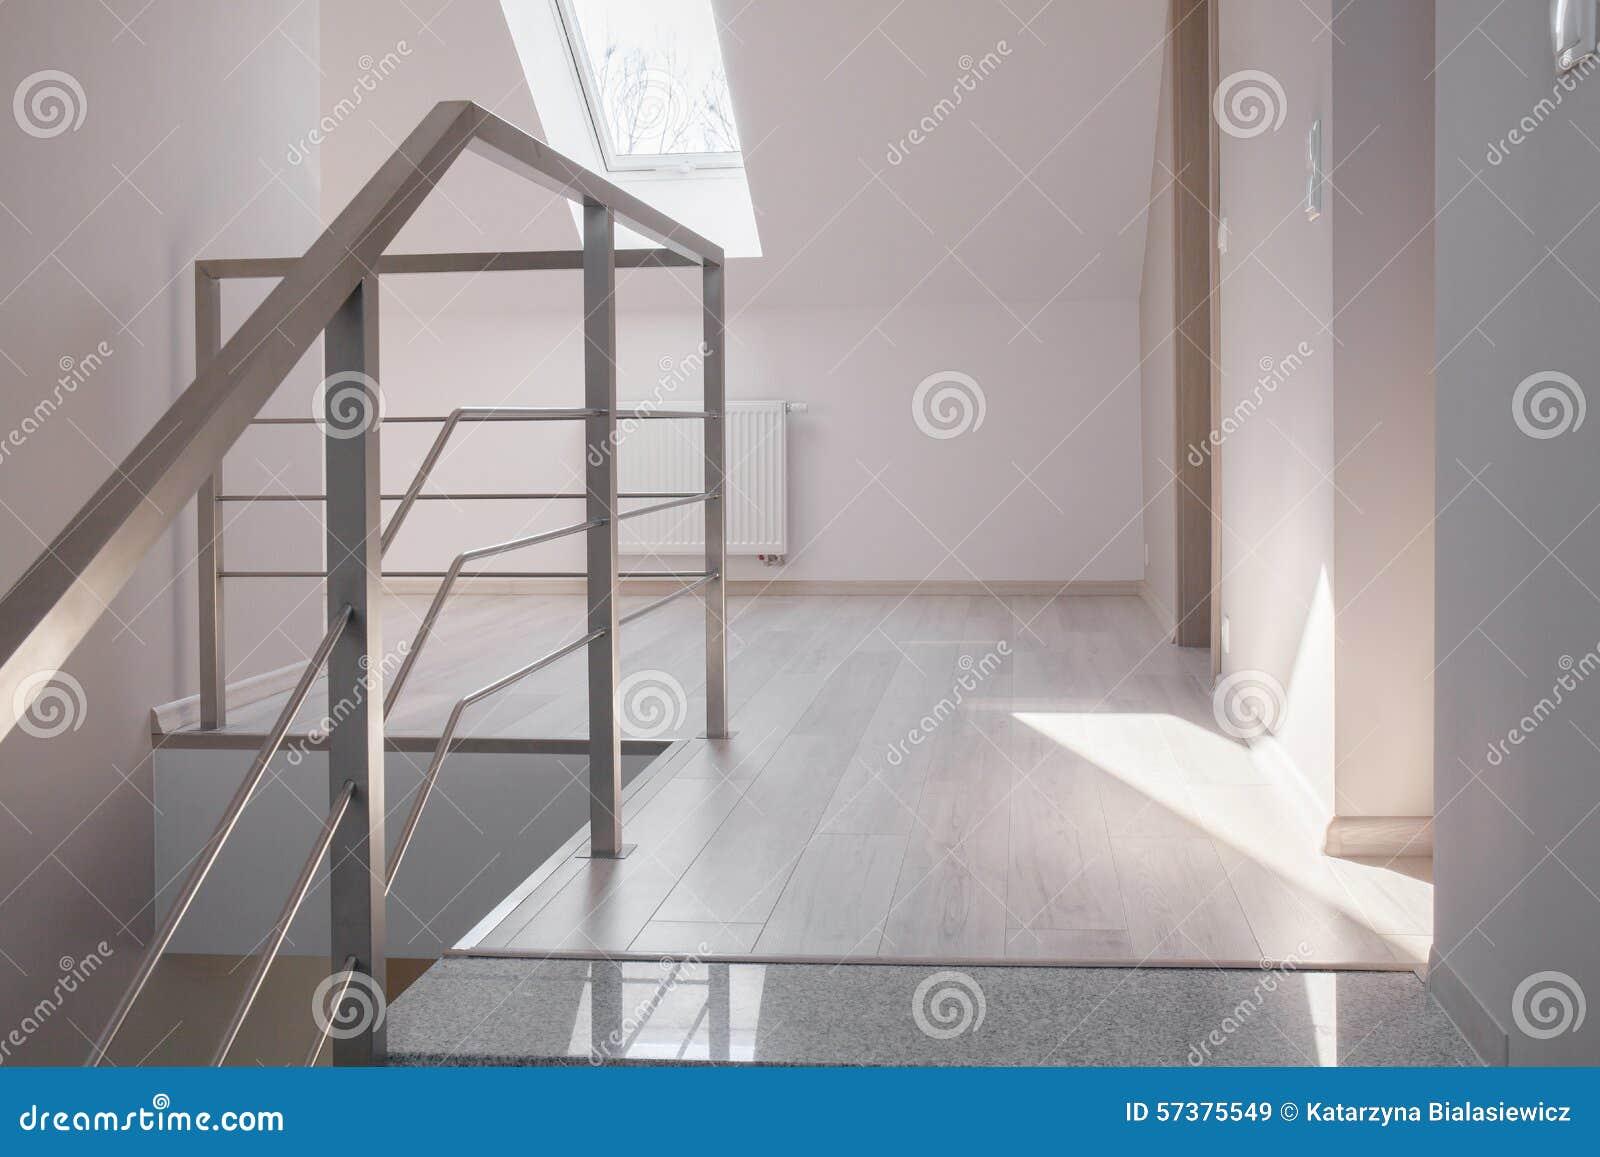 钢扶手栏杆和大理石台阶